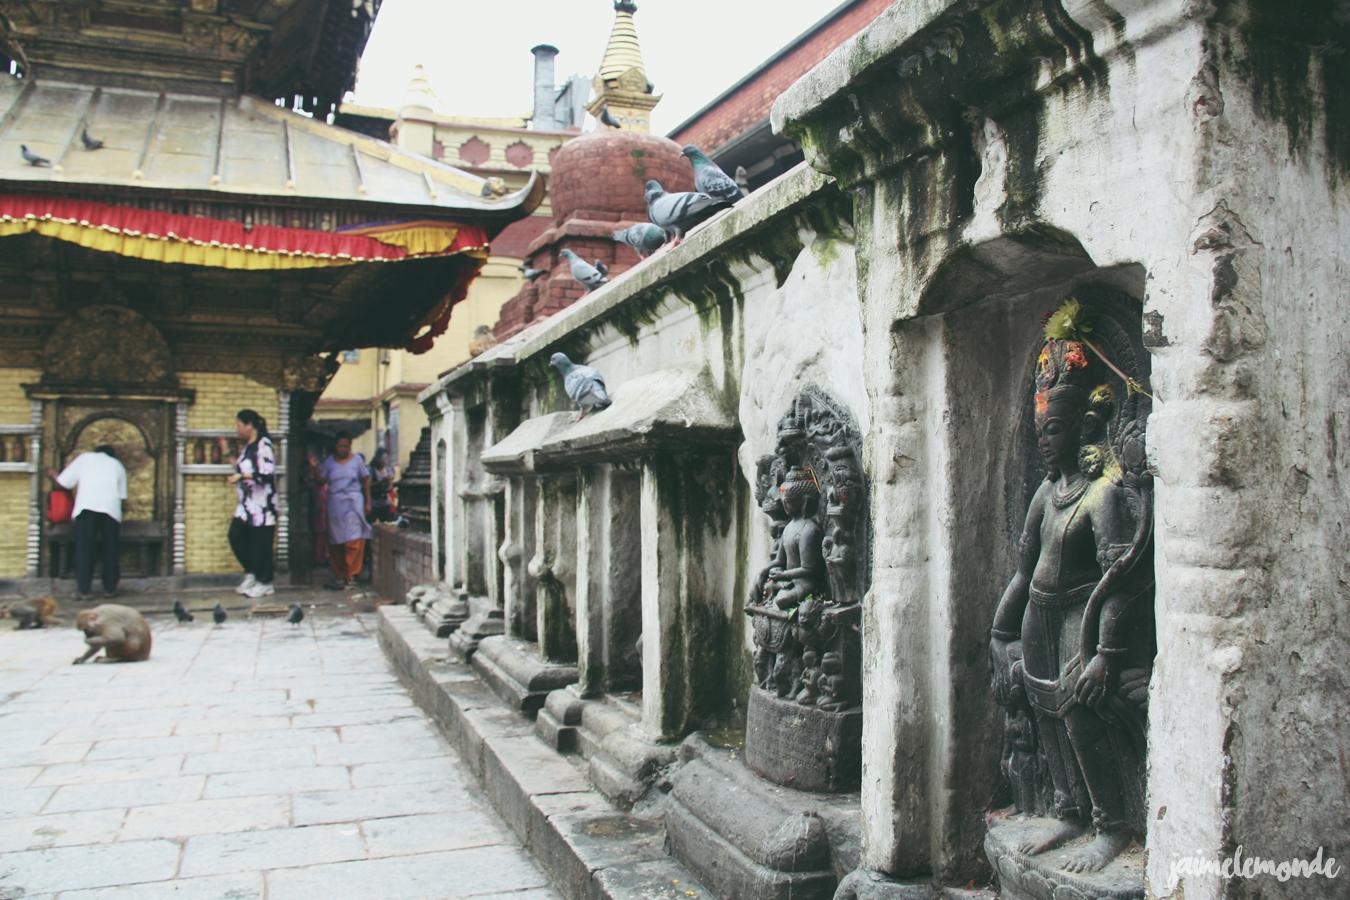 Blog voyage - 50 photos au Népal - ©jaimelemonde (27)